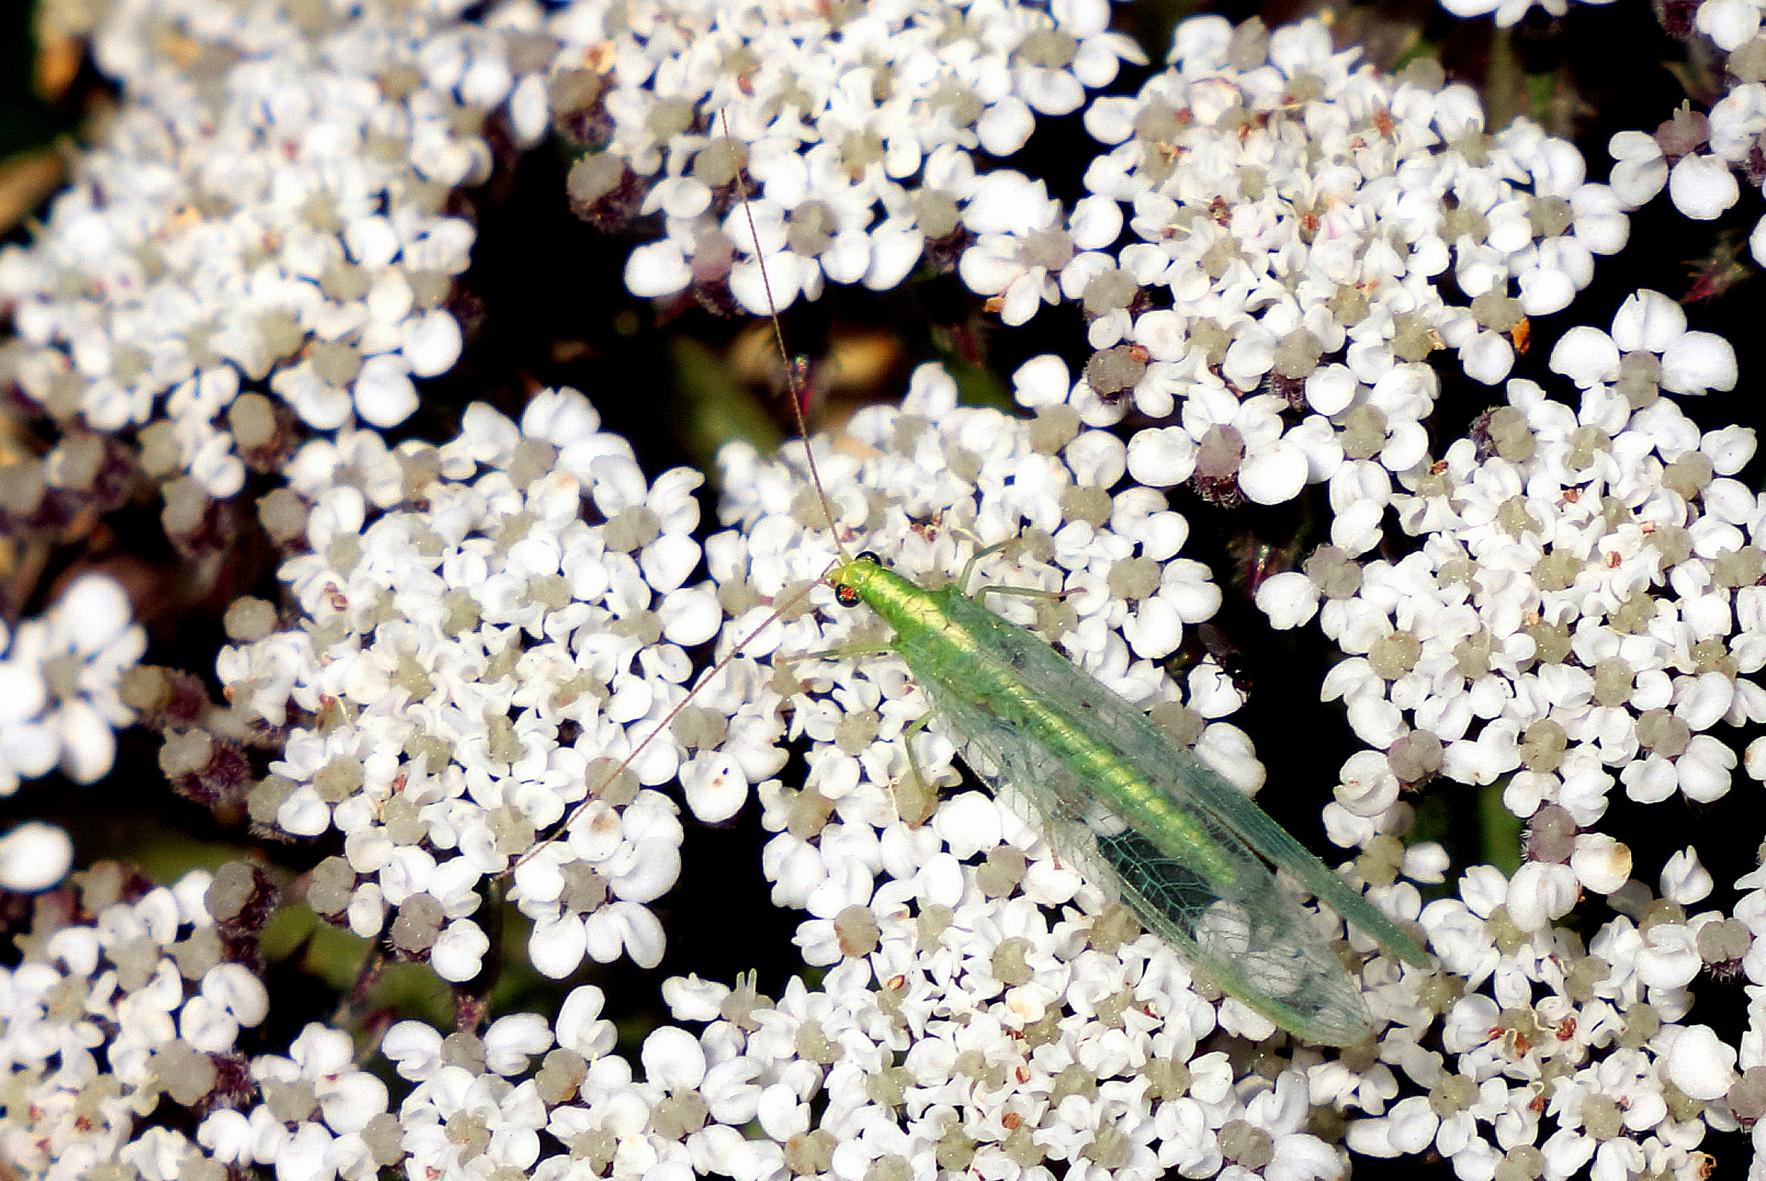 Insecte vert 14 06 17104 01